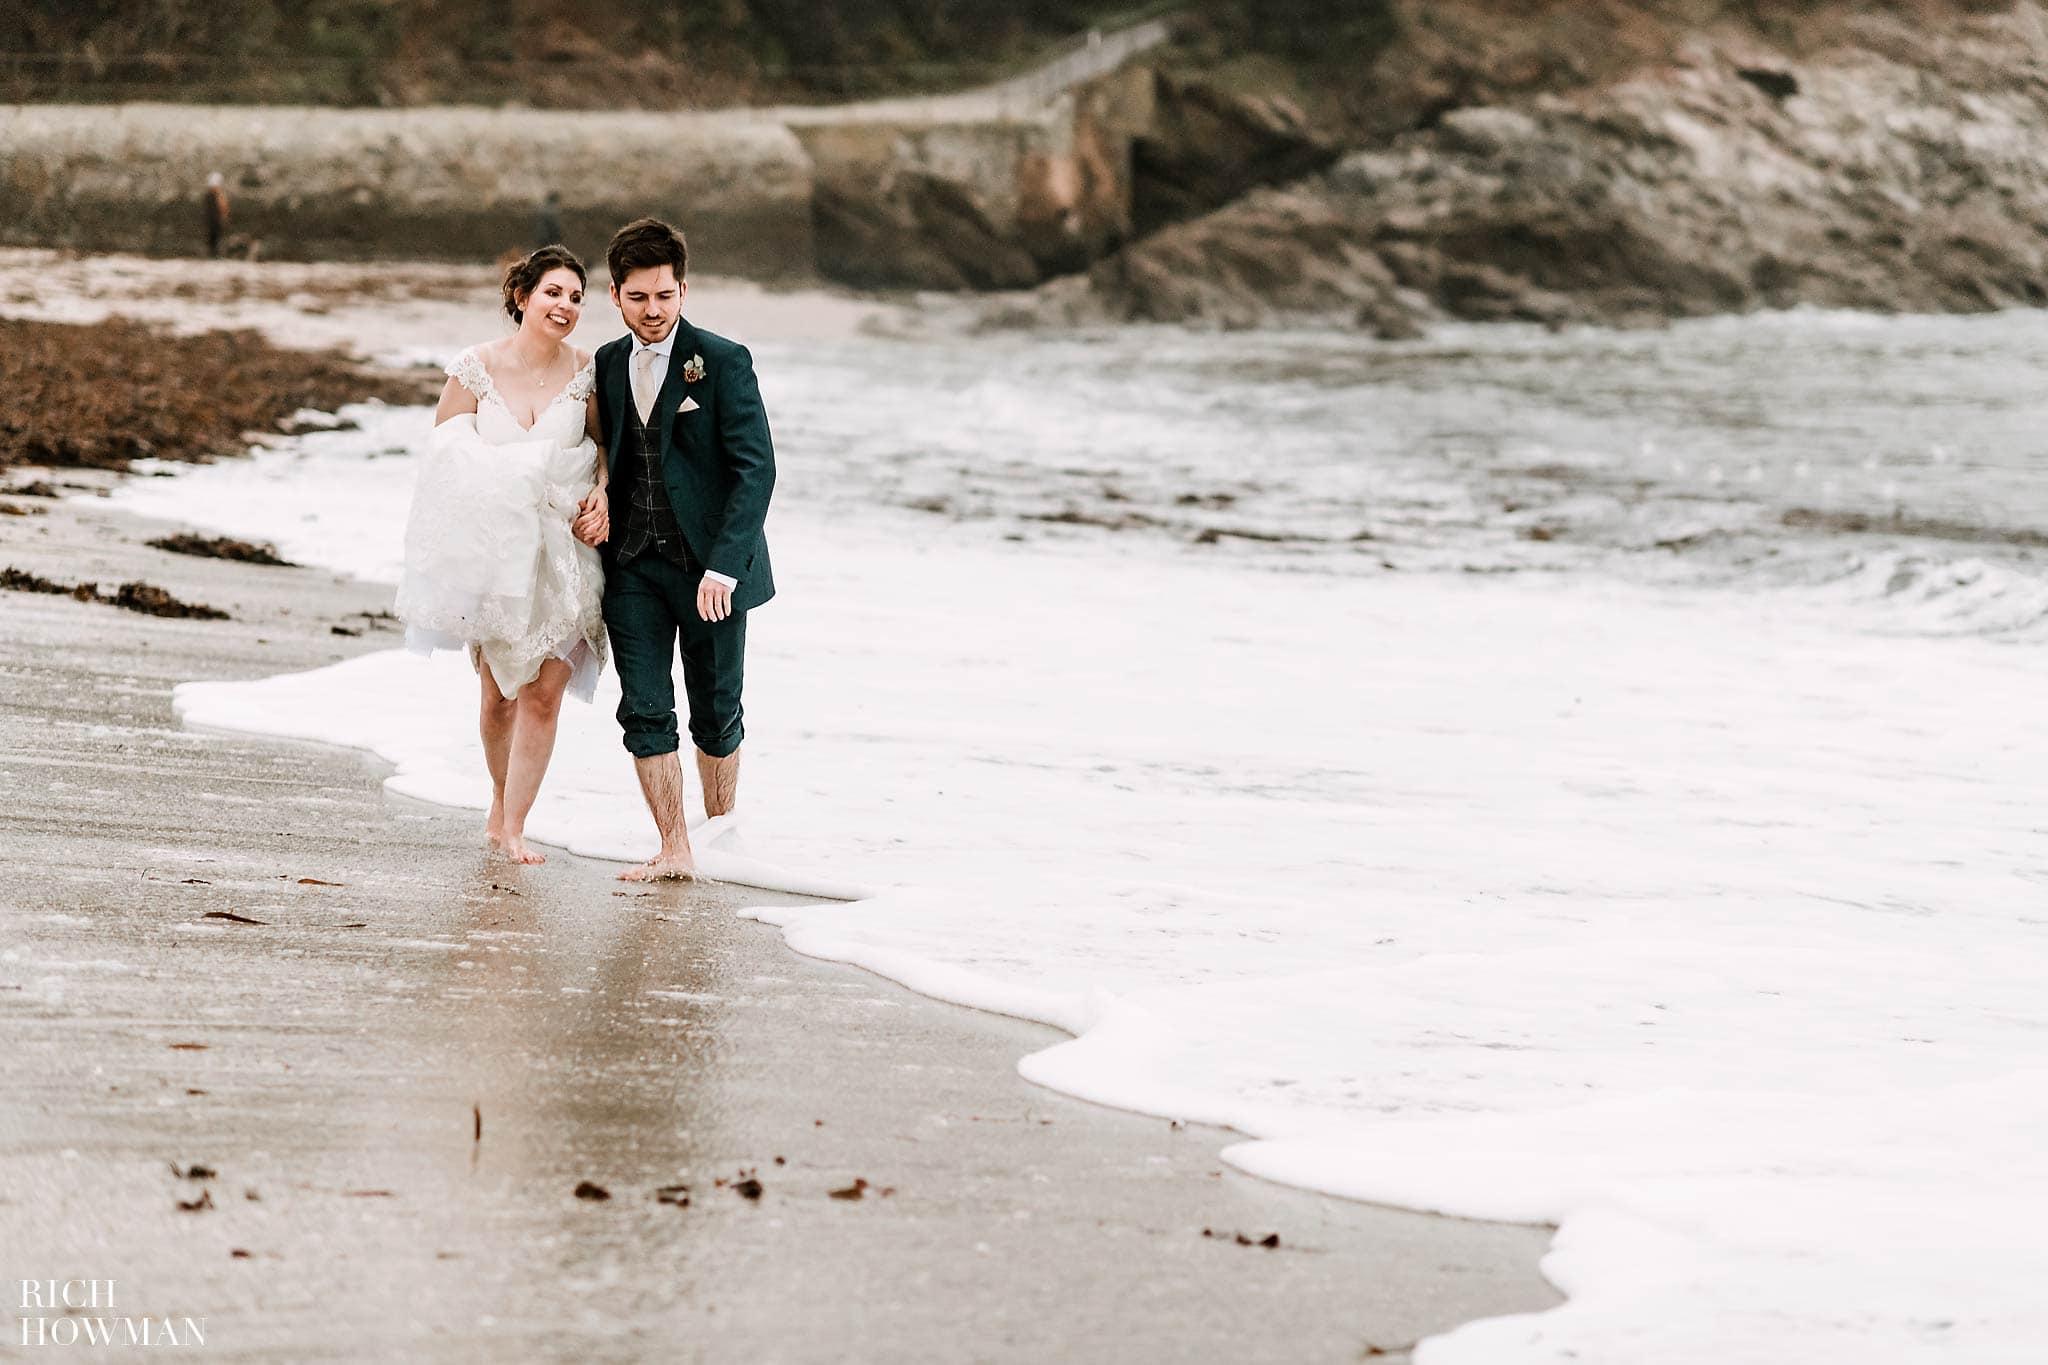 Falmouth Merchants Manor Hotel & Beach Wedding photos 6